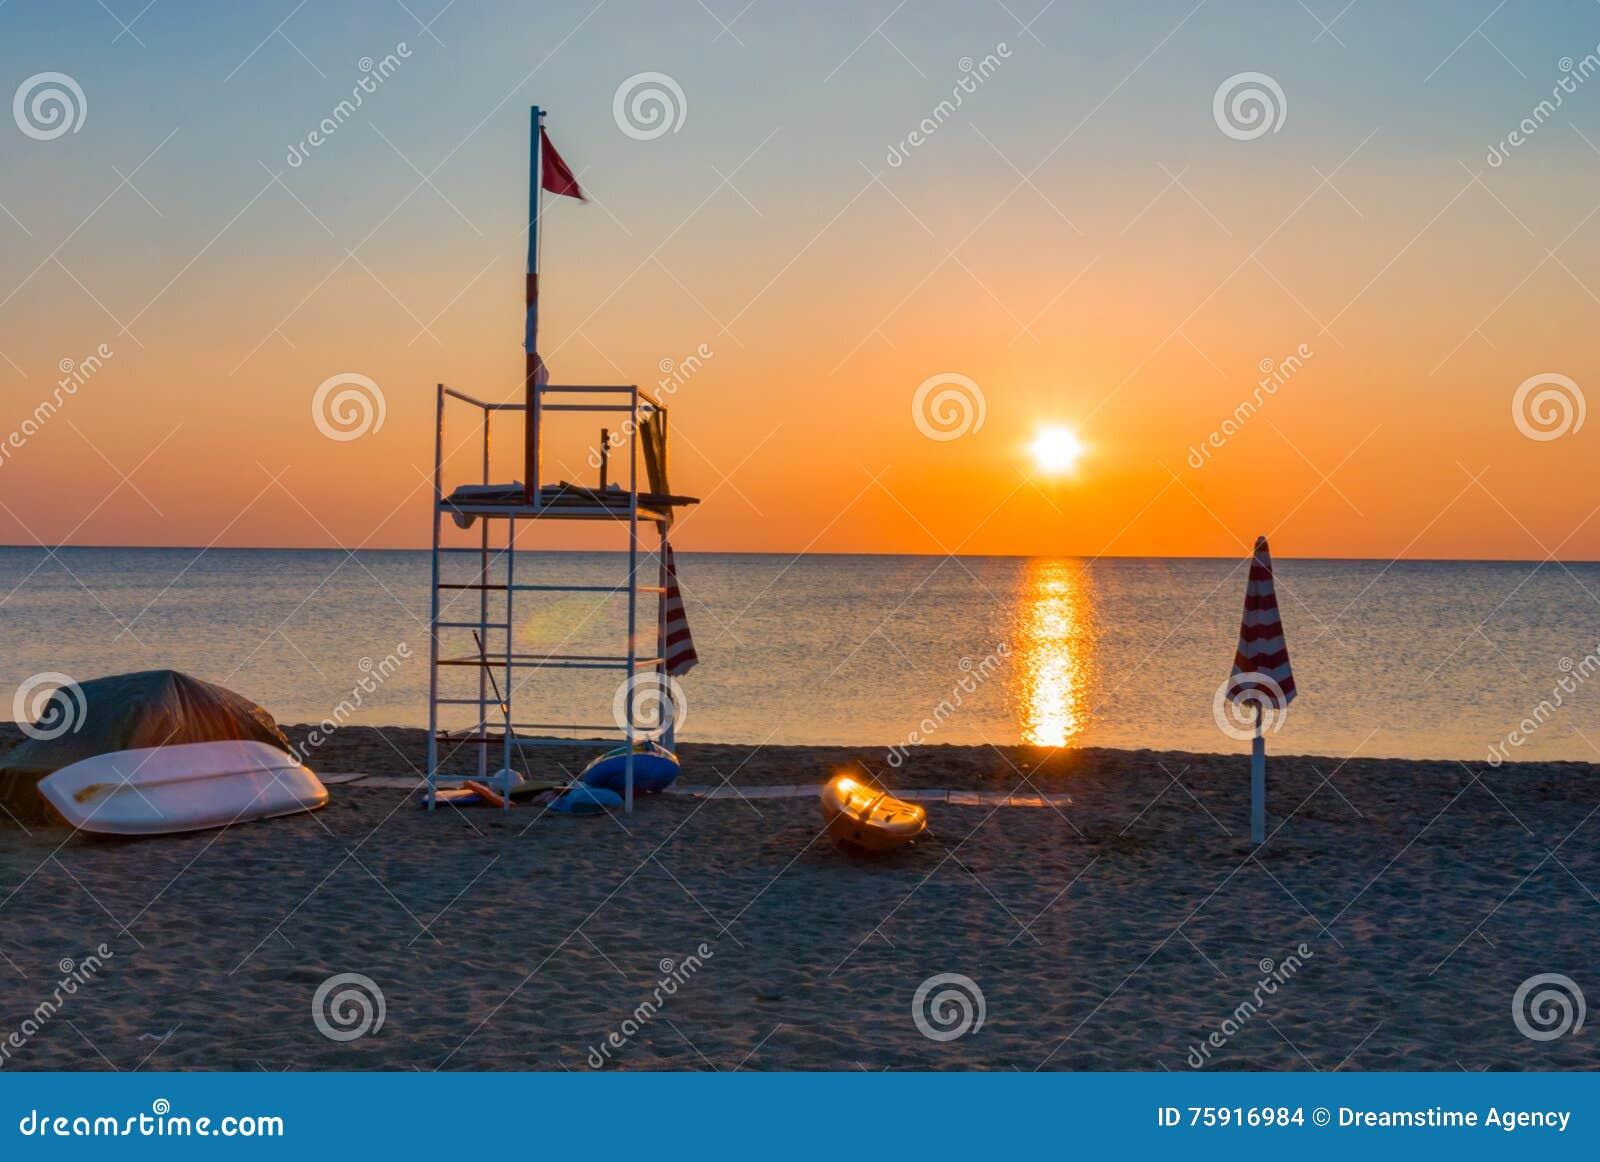 救生员塔海滩日落日出遮阳伞小船